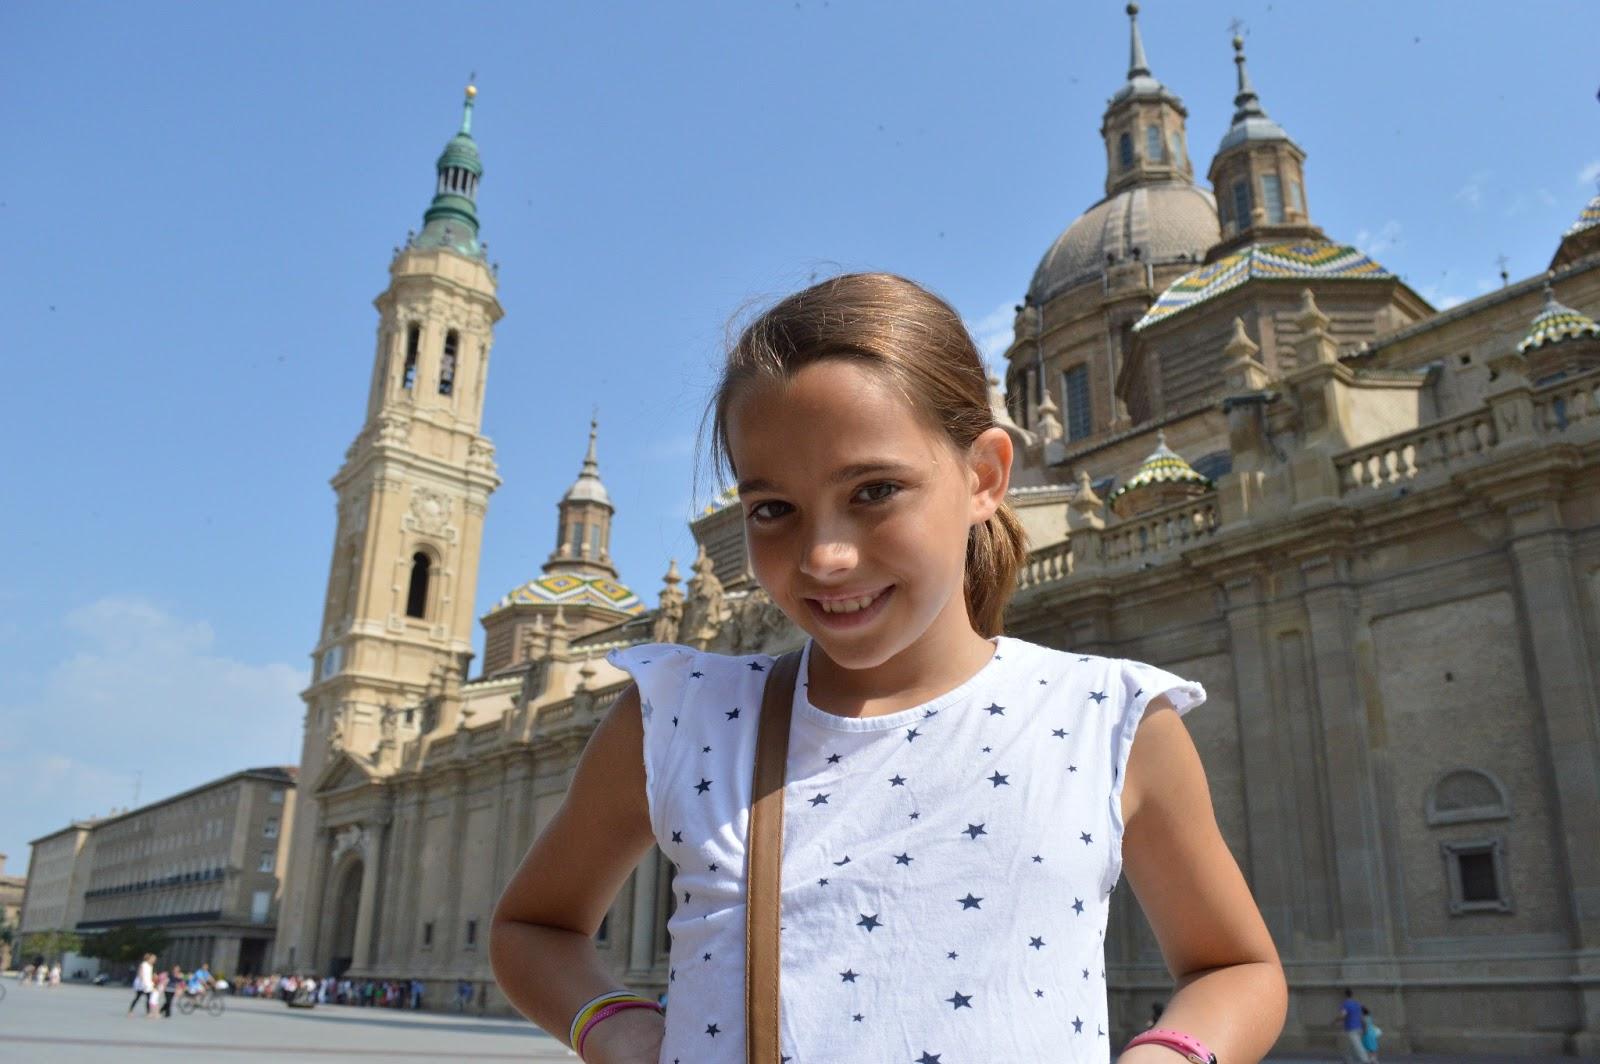 Encuentro en Zaragoza, una ciudad con encanto para dos